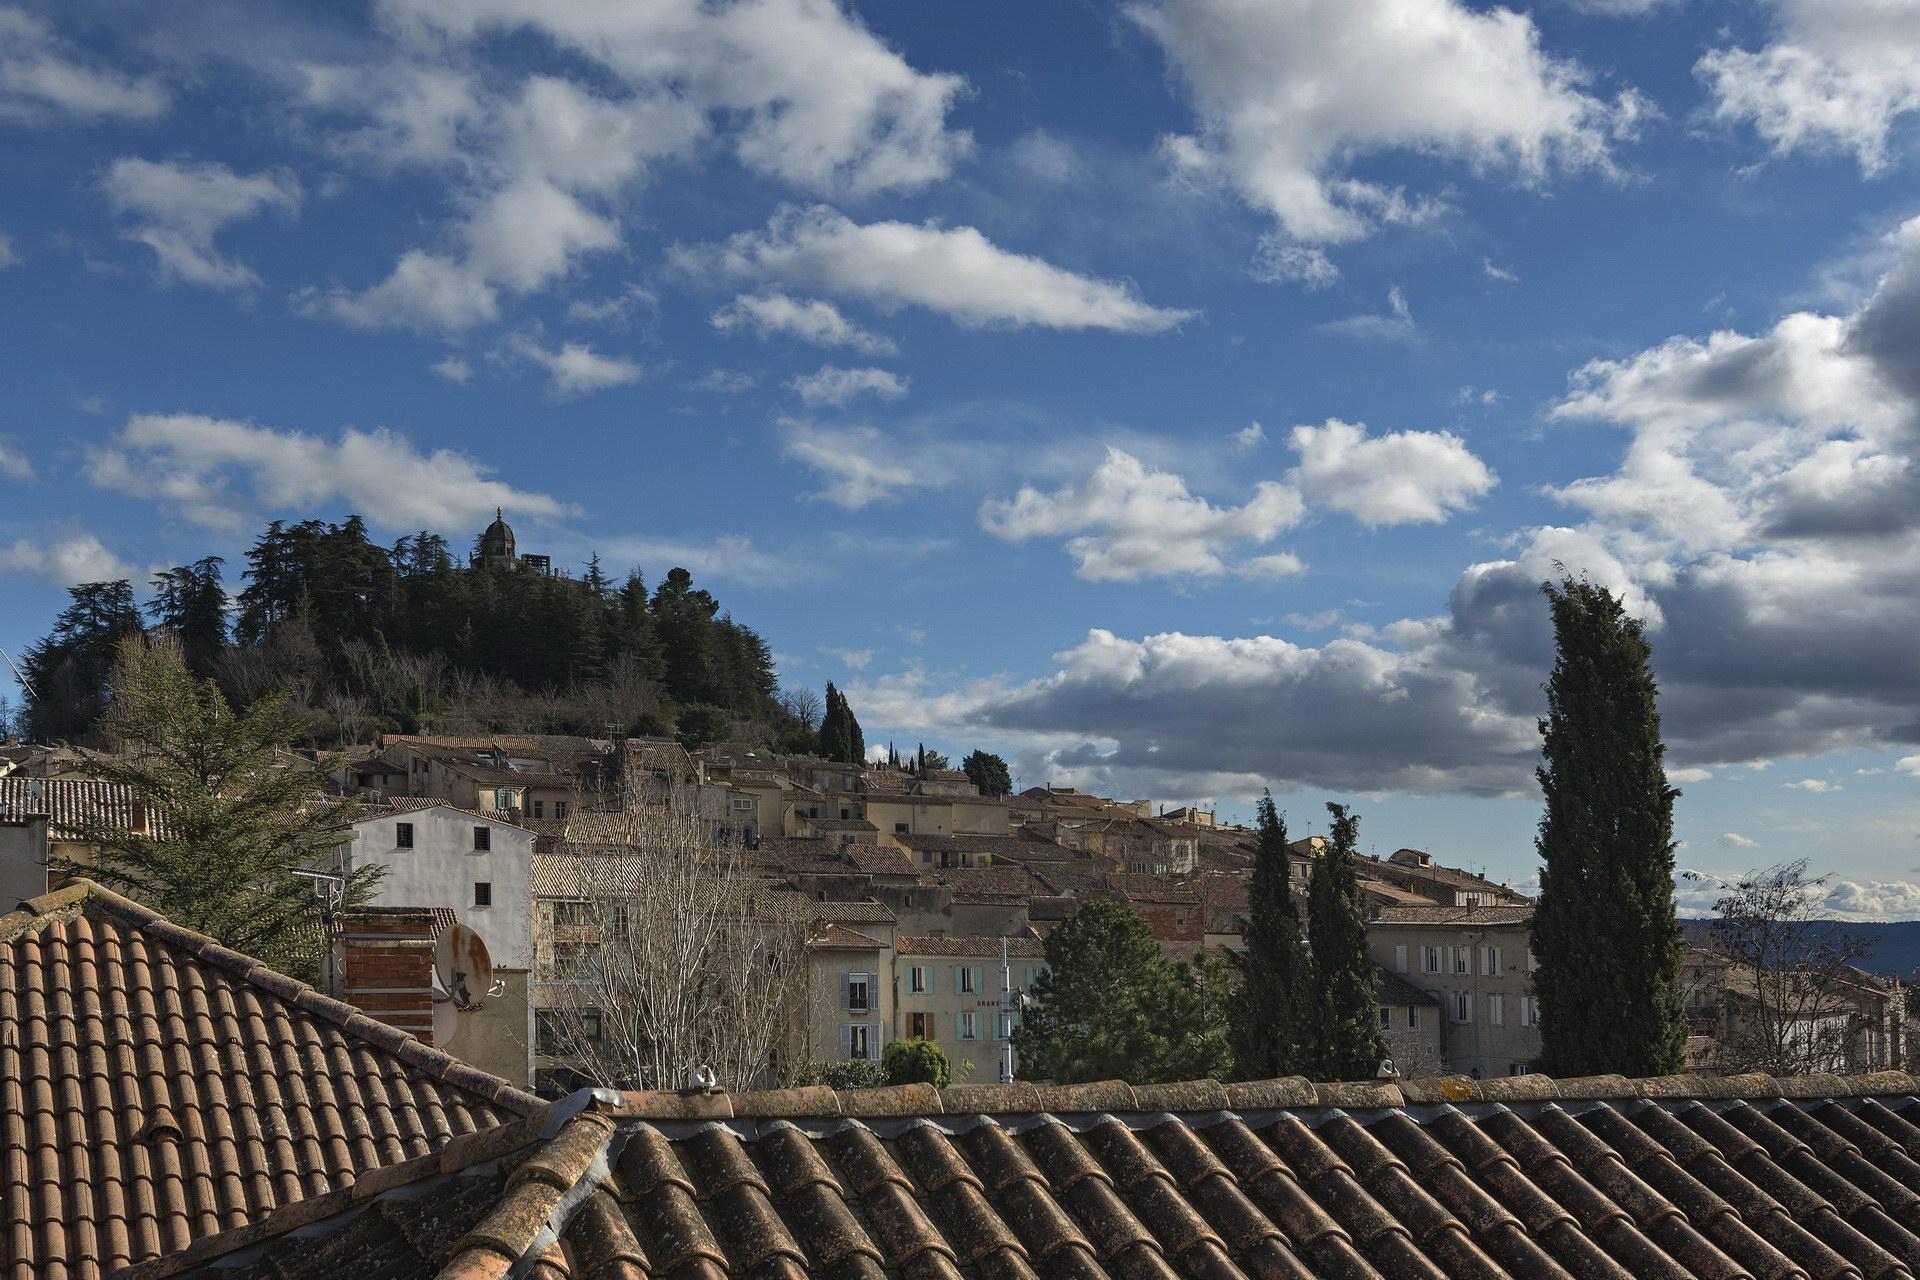 Appartement 4 personnes en location à forcalquier belle vue sur le village